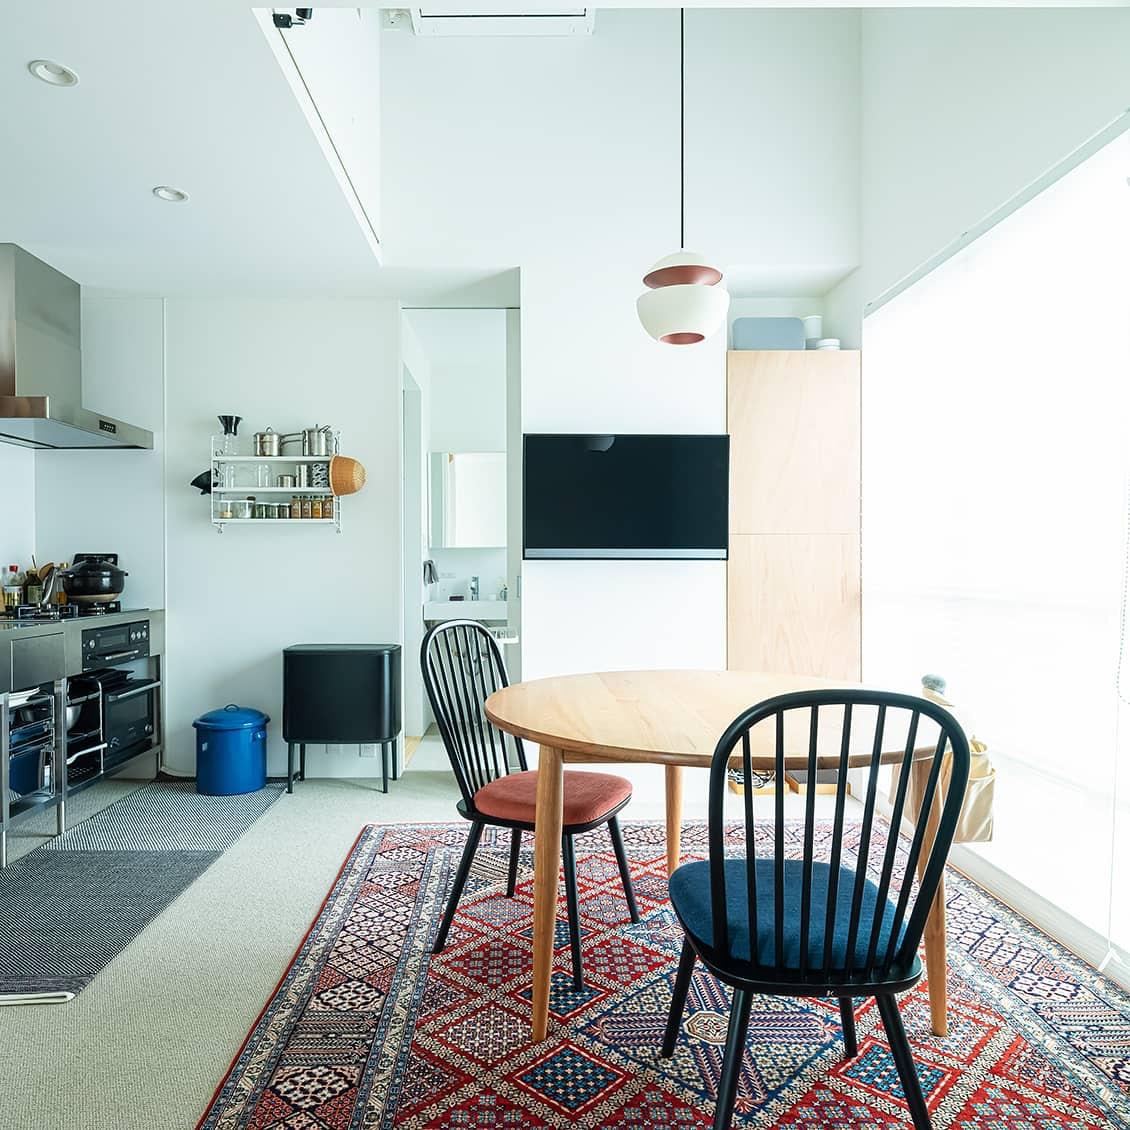 【小さな家のインテリア】第1話:居住スペース38平米の一軒家、狭さがメリットになる暮らし方